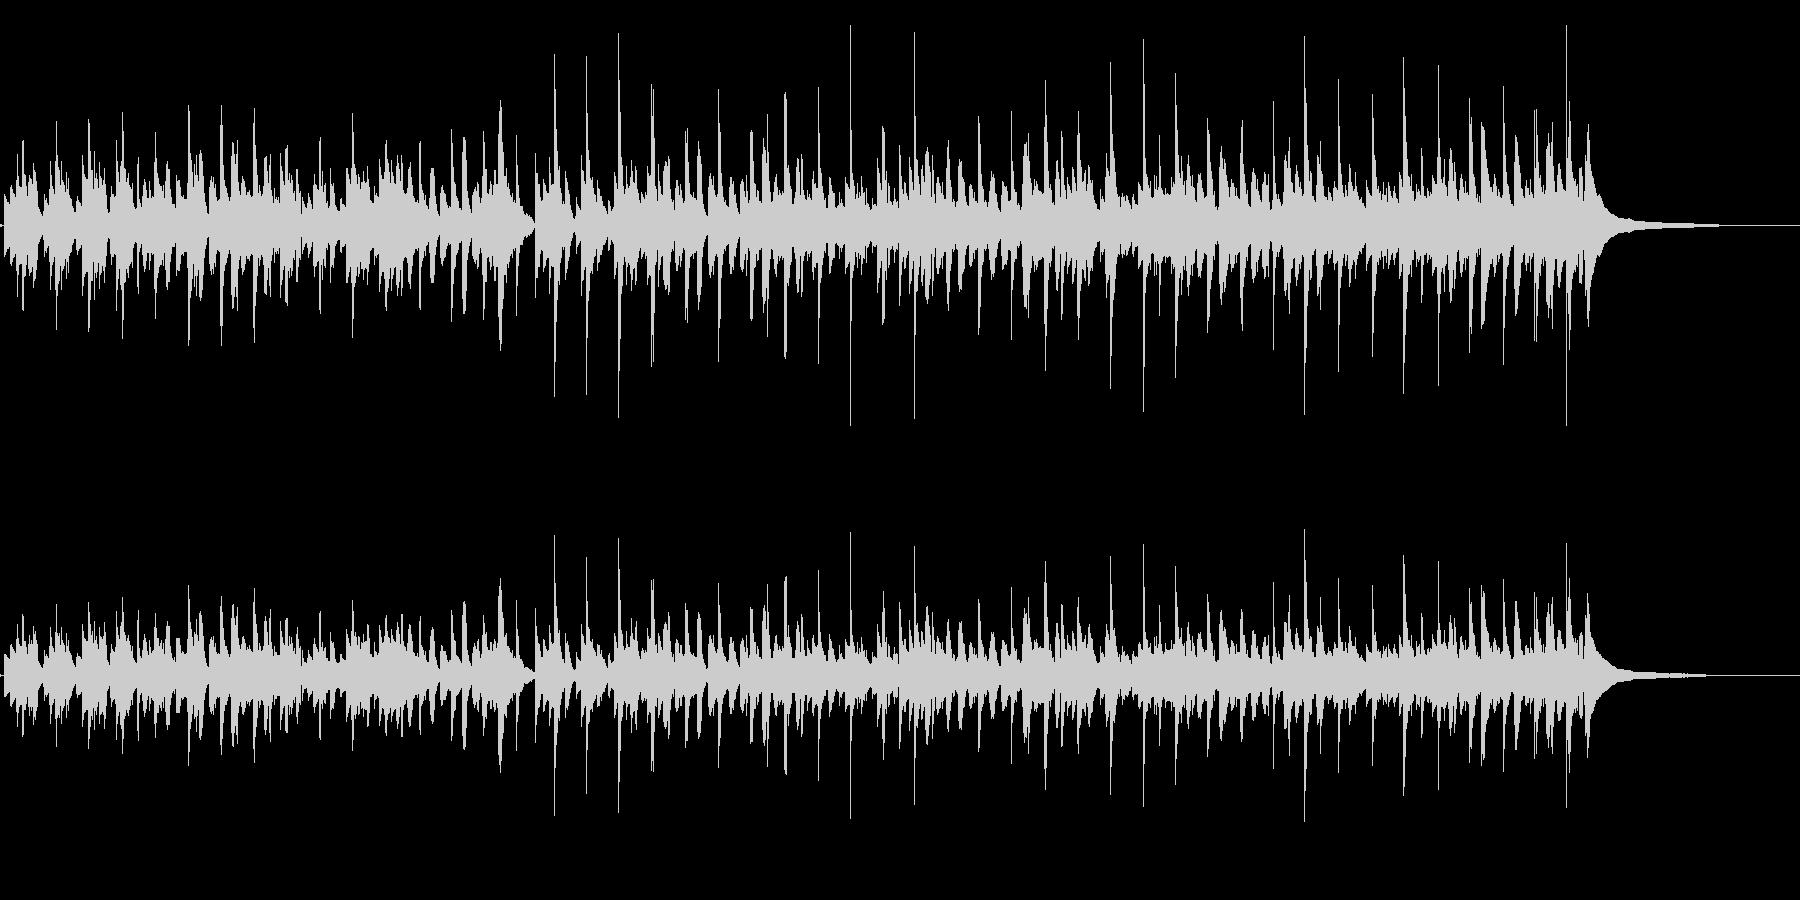 何者かがついてくるような不気味な曲/生音の未再生の波形